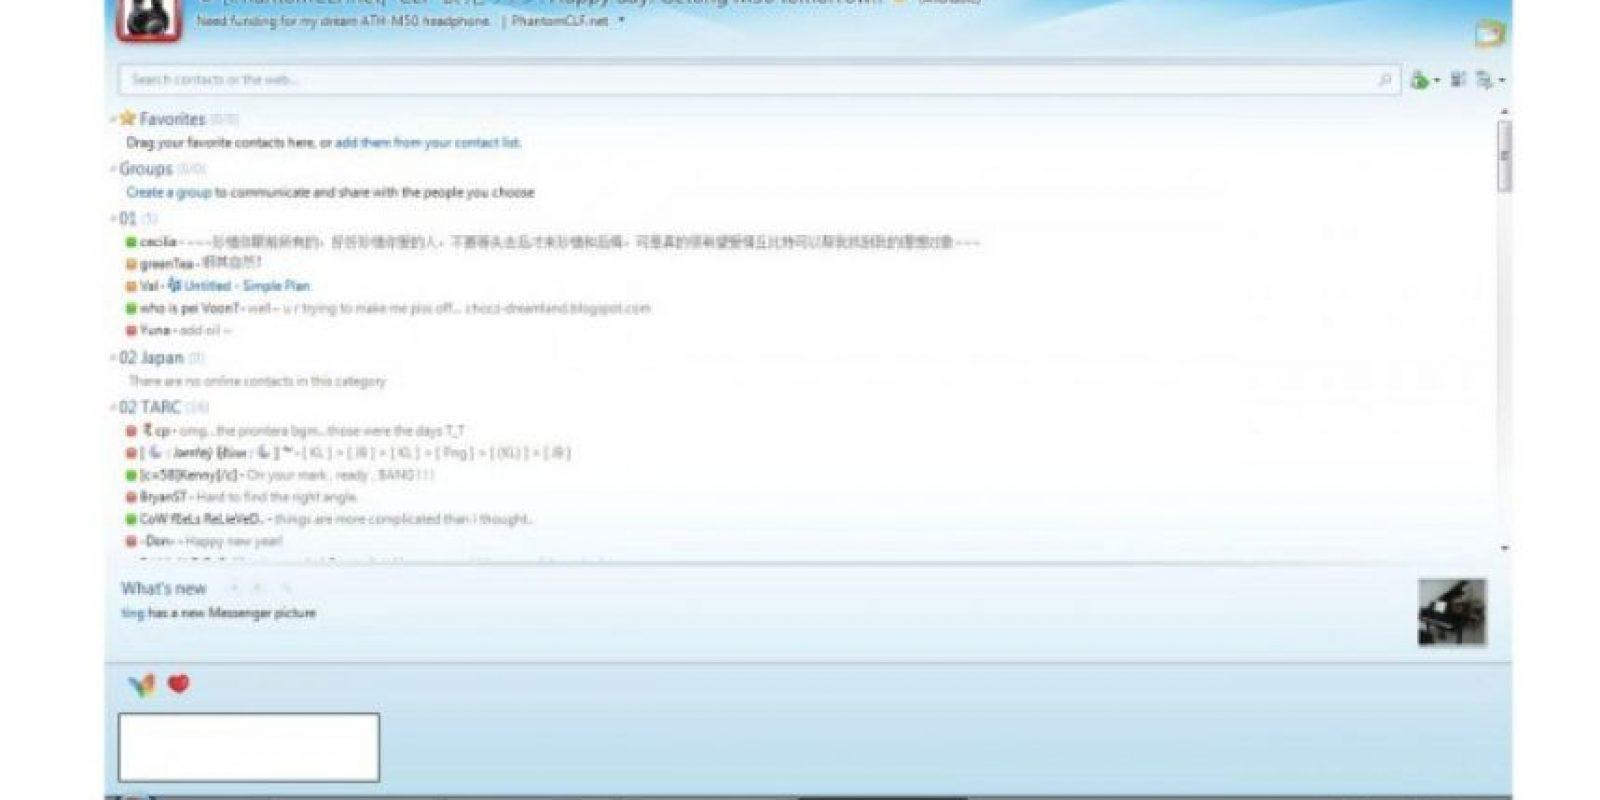 Después de 14 años de evolución, este software desapareció en 2013. Foto:marcelopedra.com.ar